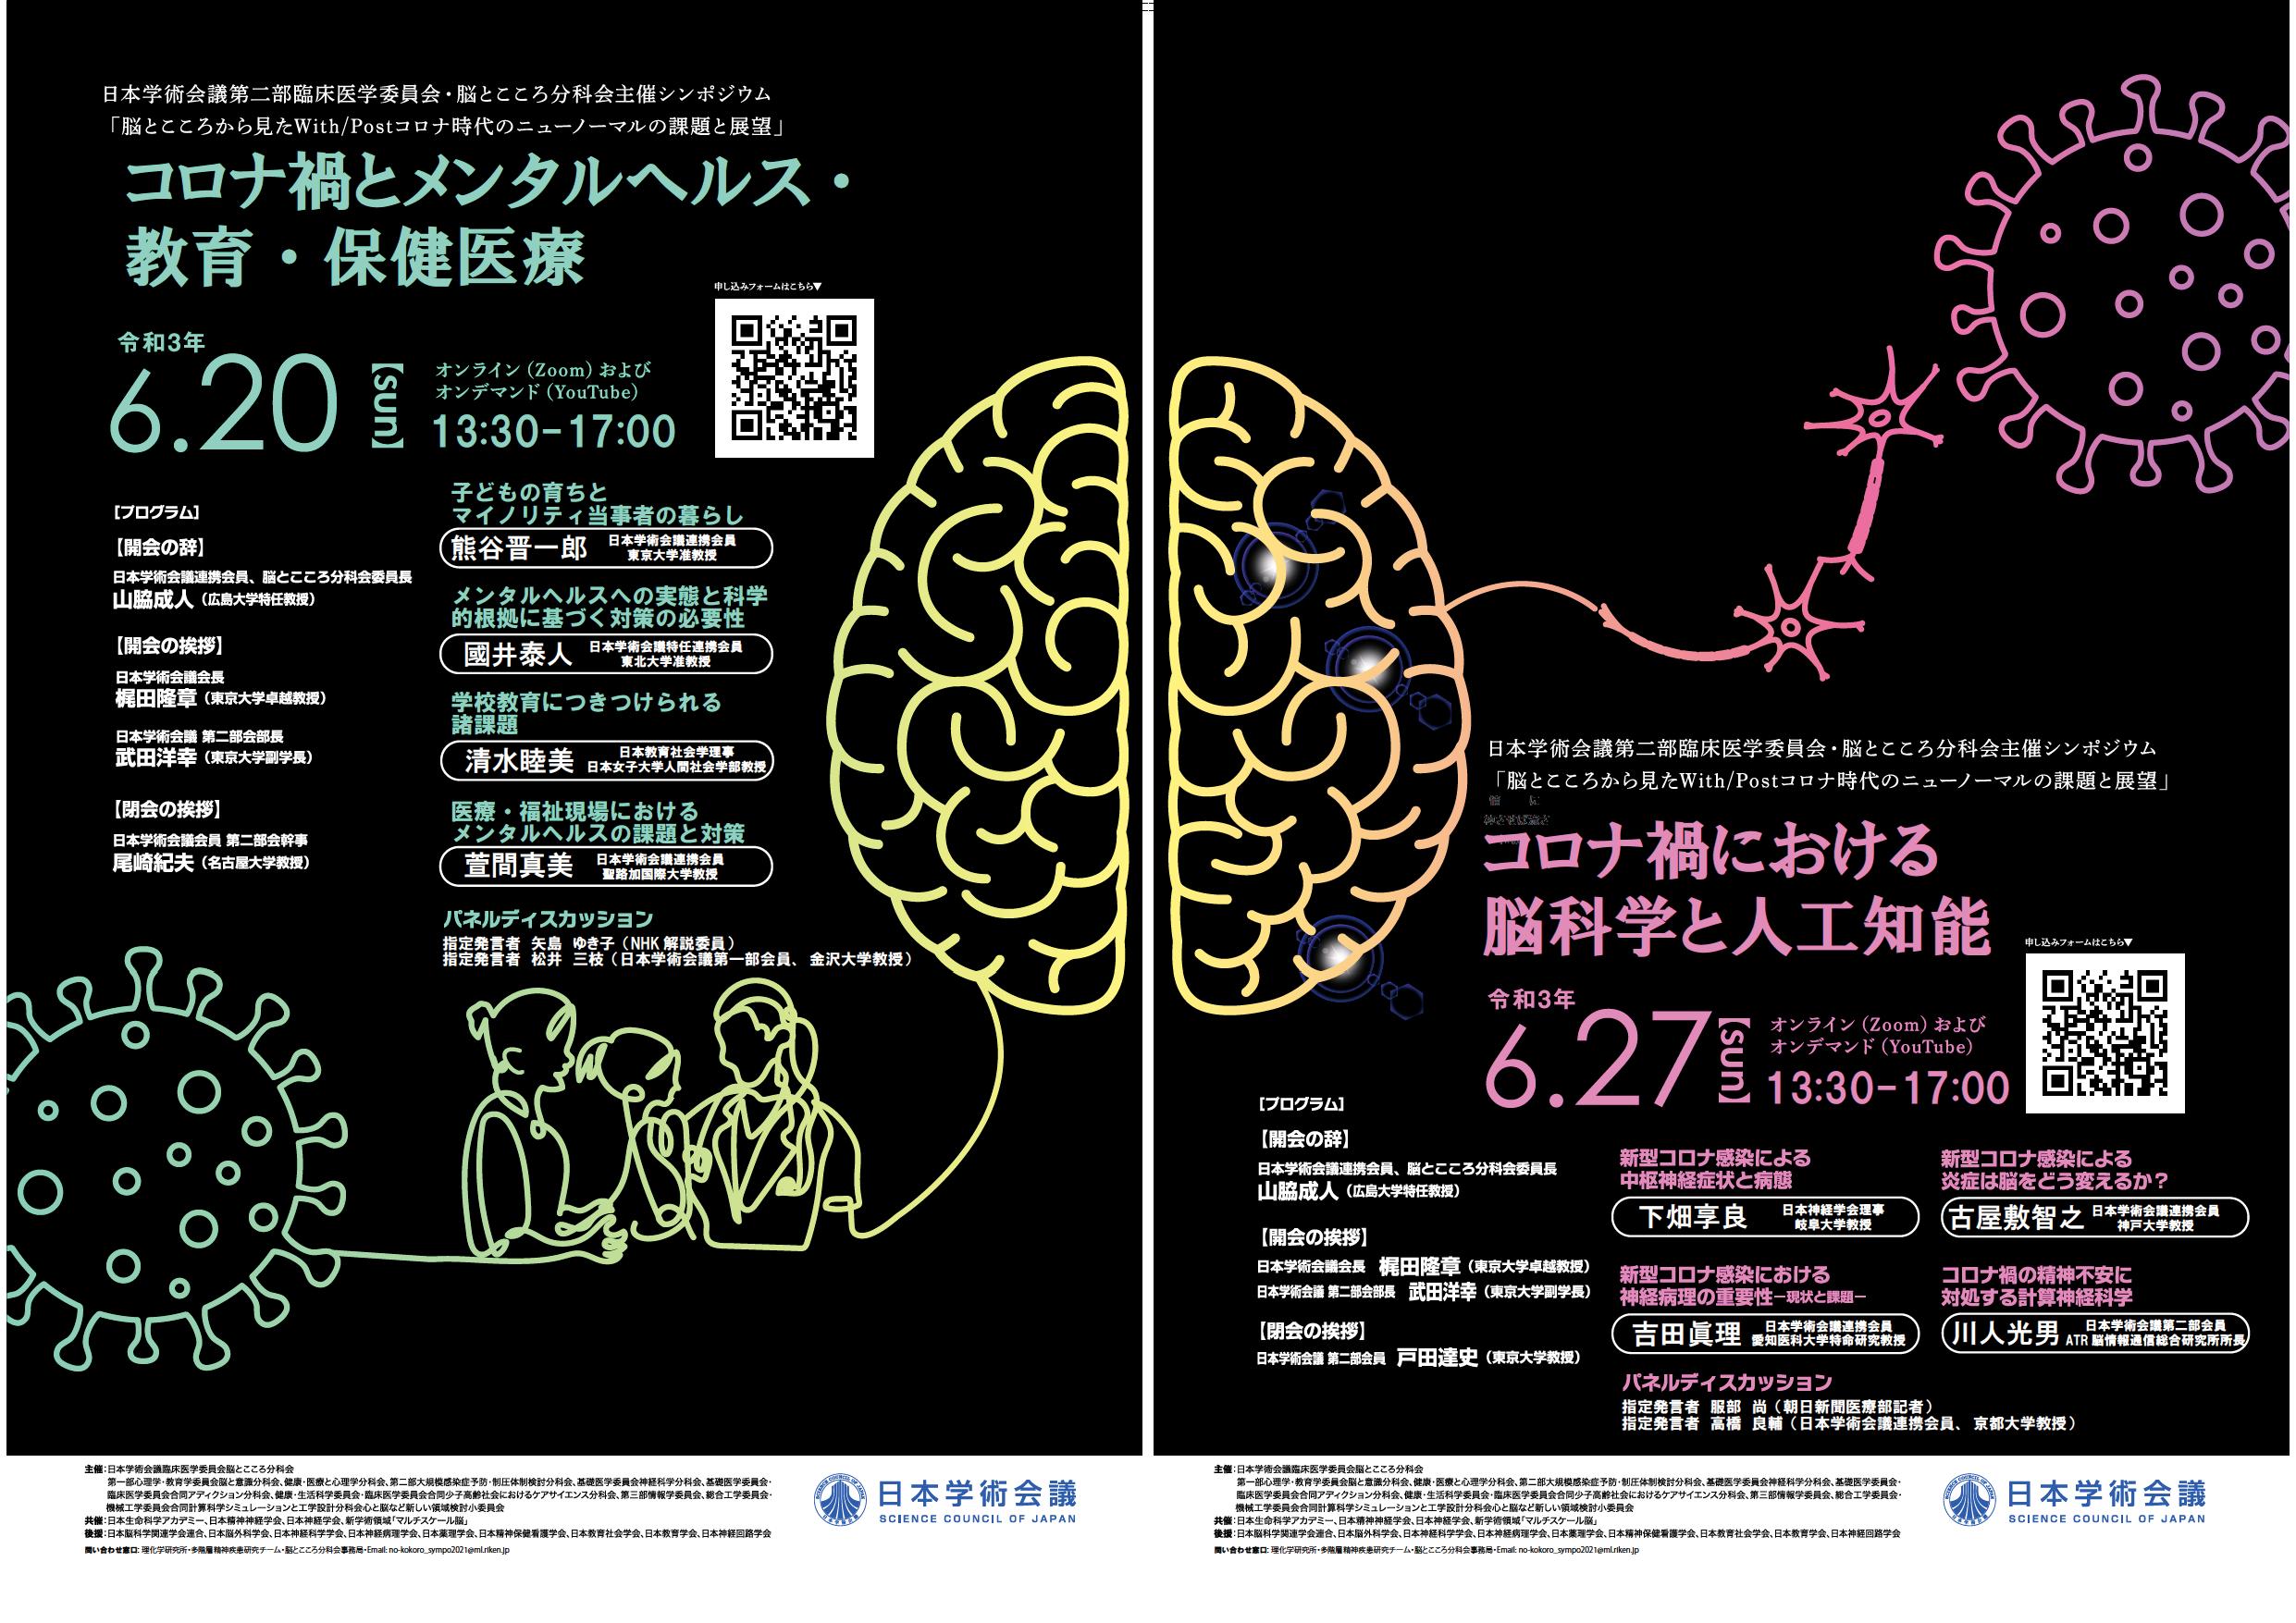 日本学術会議の脳とこころの分科会主催シンポジウム